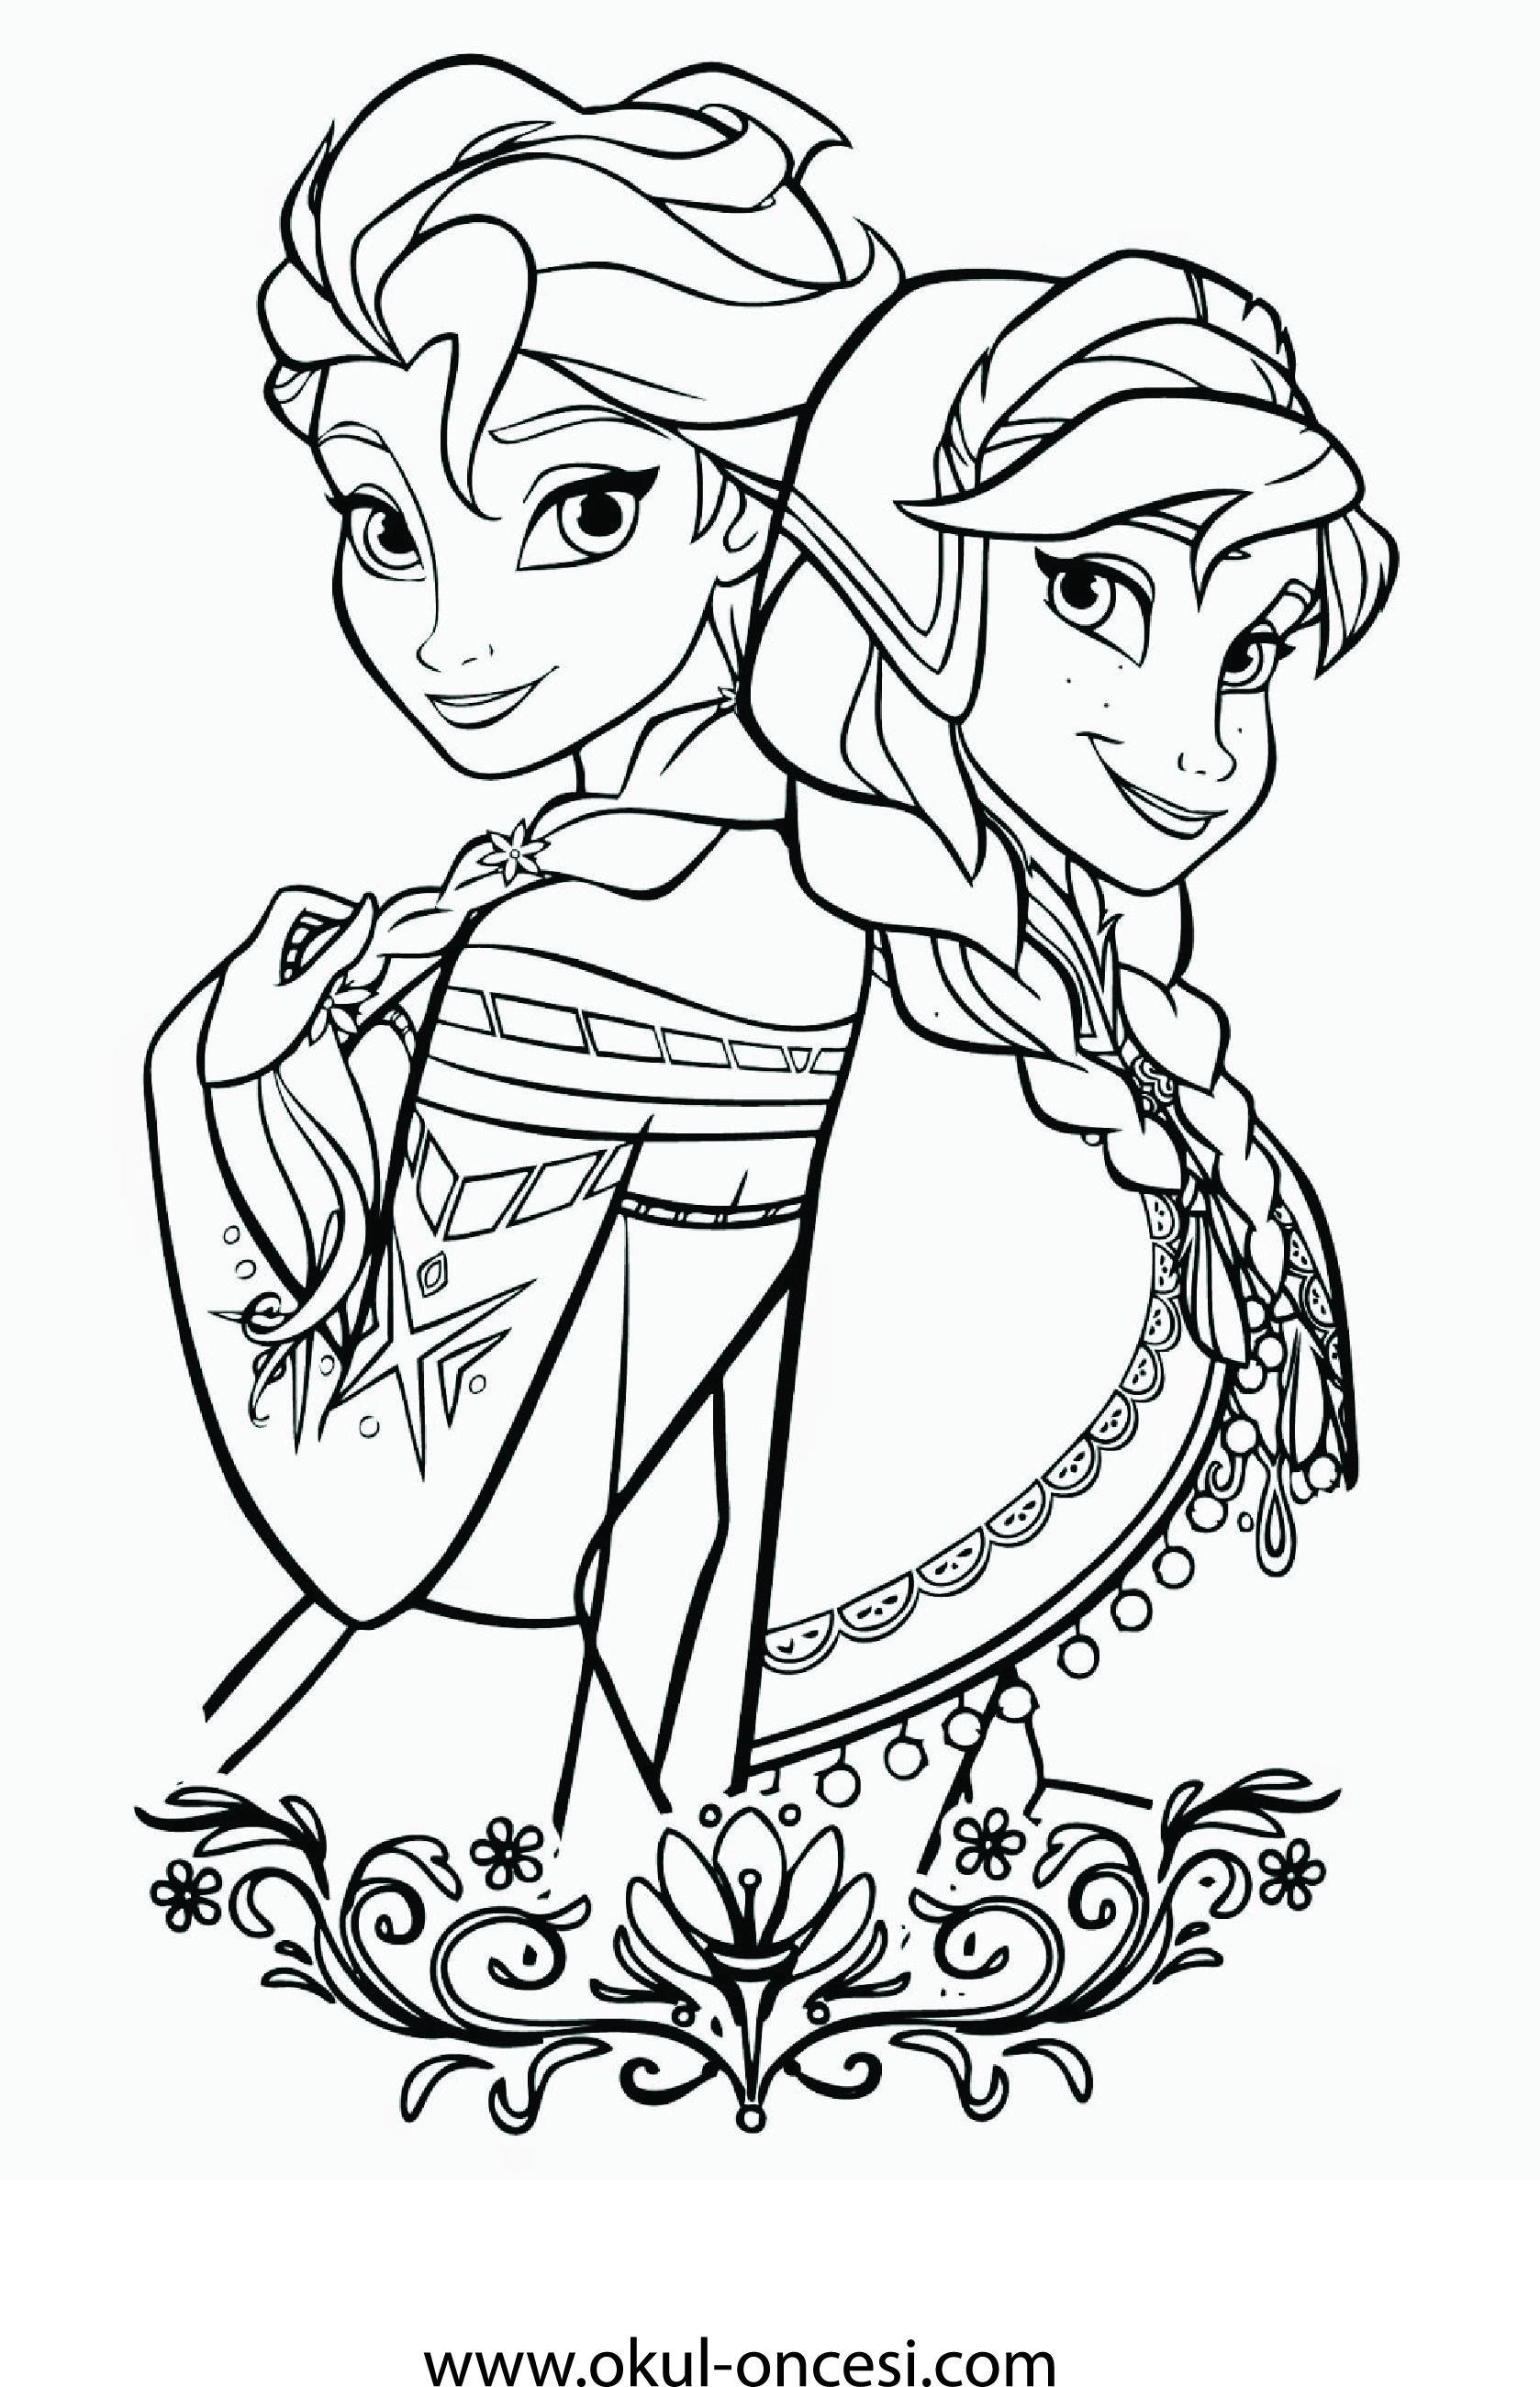 Frozen Anna Elsa Printable Coloring Page Frozen Anna Elsa Boyama Sayfasi 2020